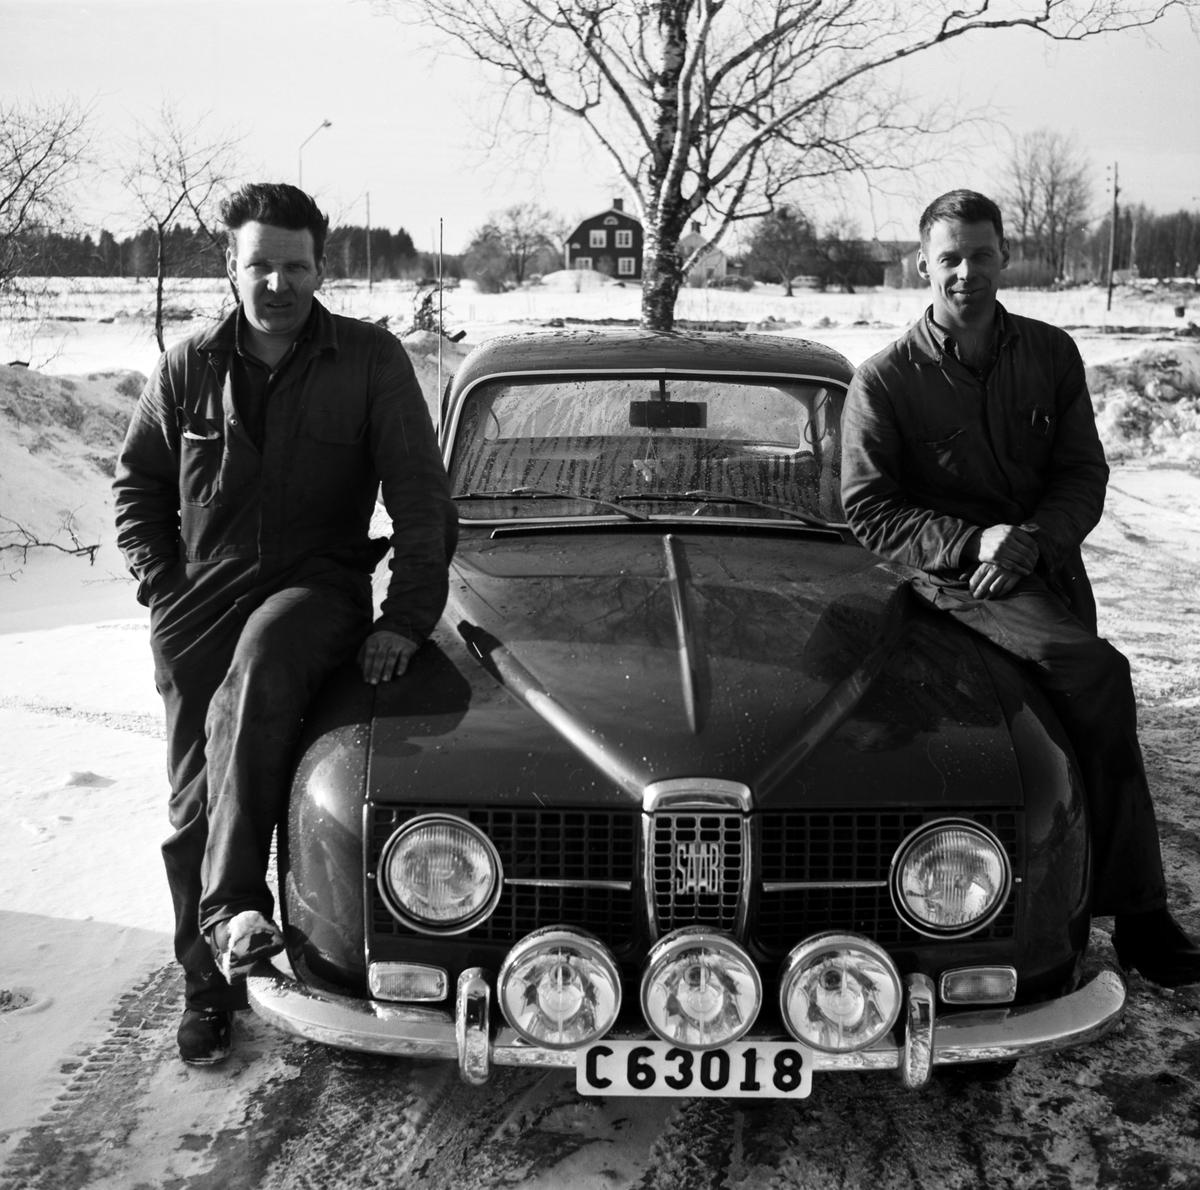 SMK Tierp, Tierp, Uppland, 1968